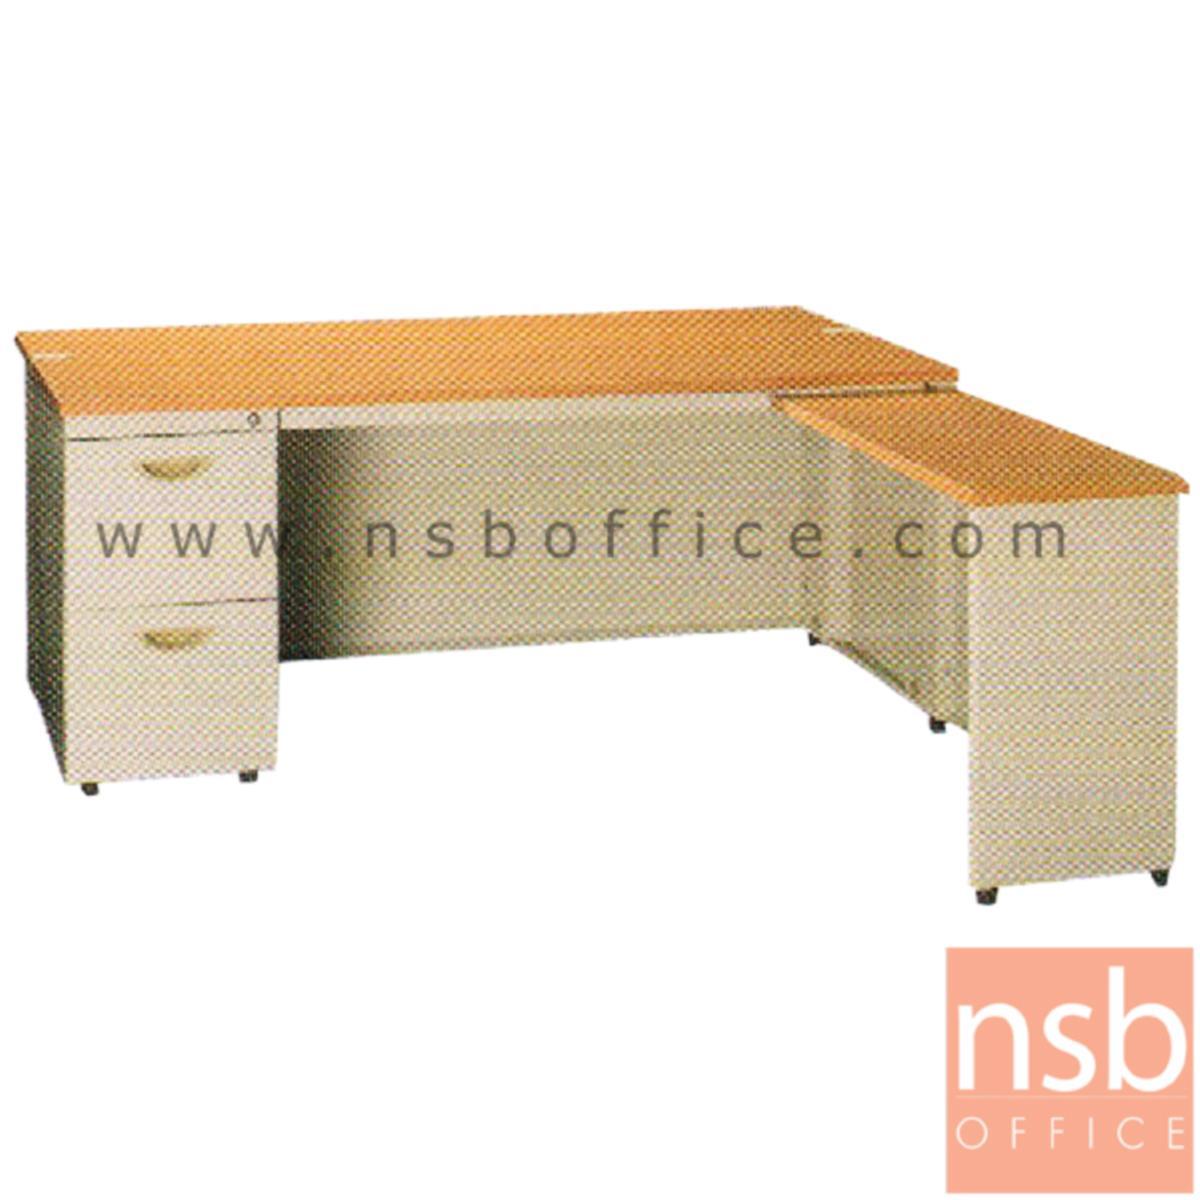 E28A119:โต๊ะทำงานเหล็กตัวแอล 3 ลิ้นชัก ยี่ห้อ ลักกี้  รุ่น DL2-75140,DL2-75160,DL2-75180